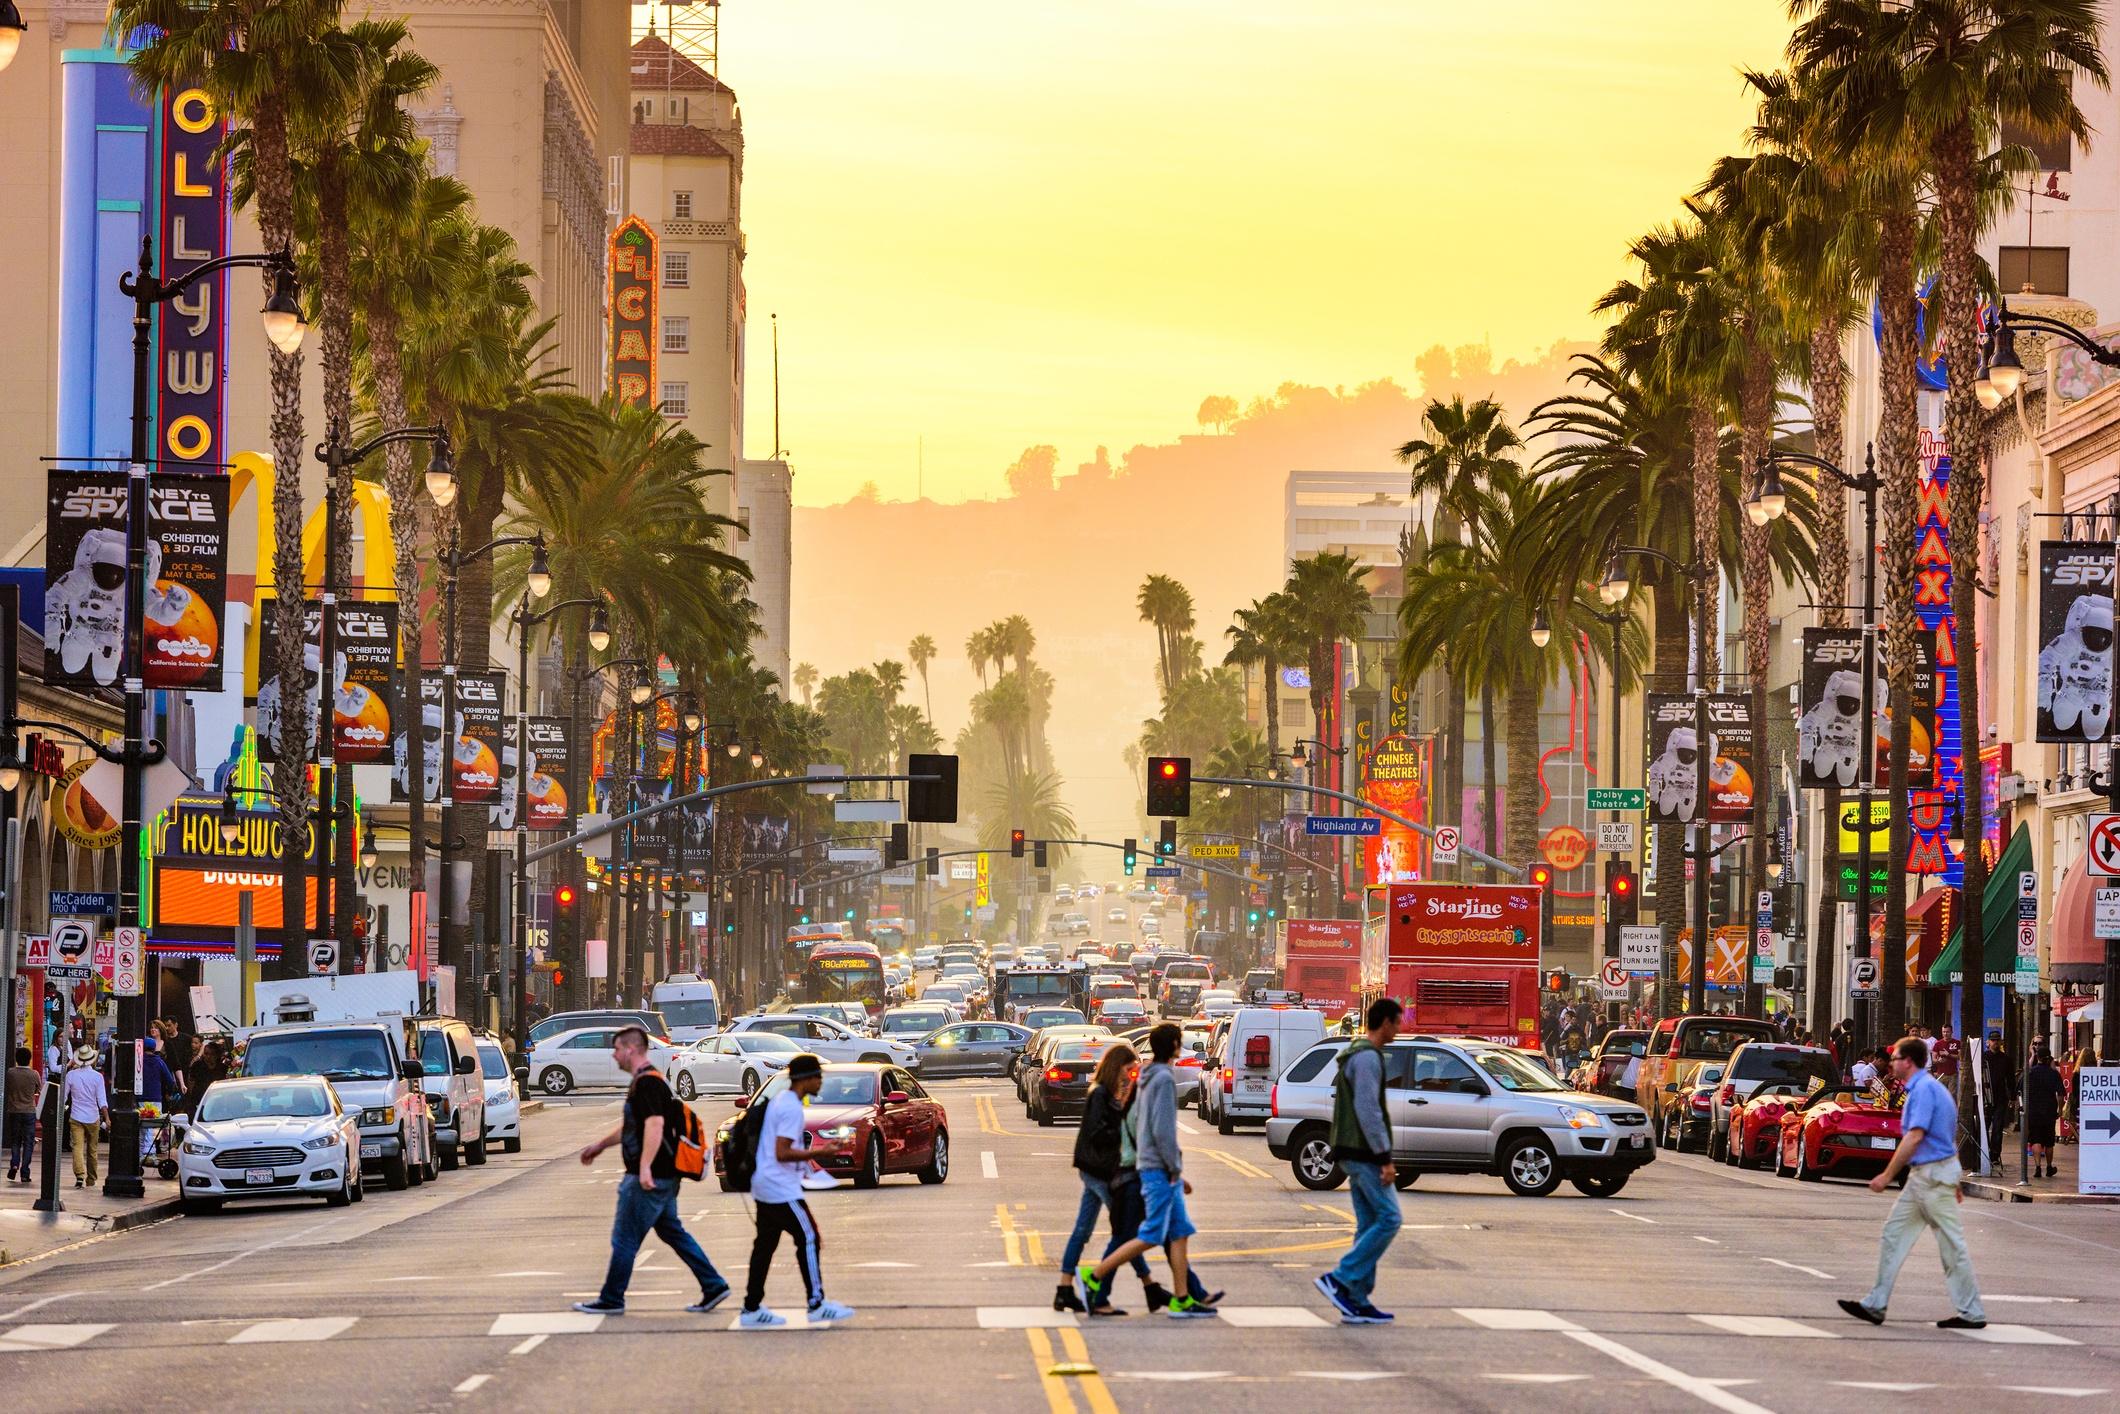 Carioca Outpost: Los Angeles